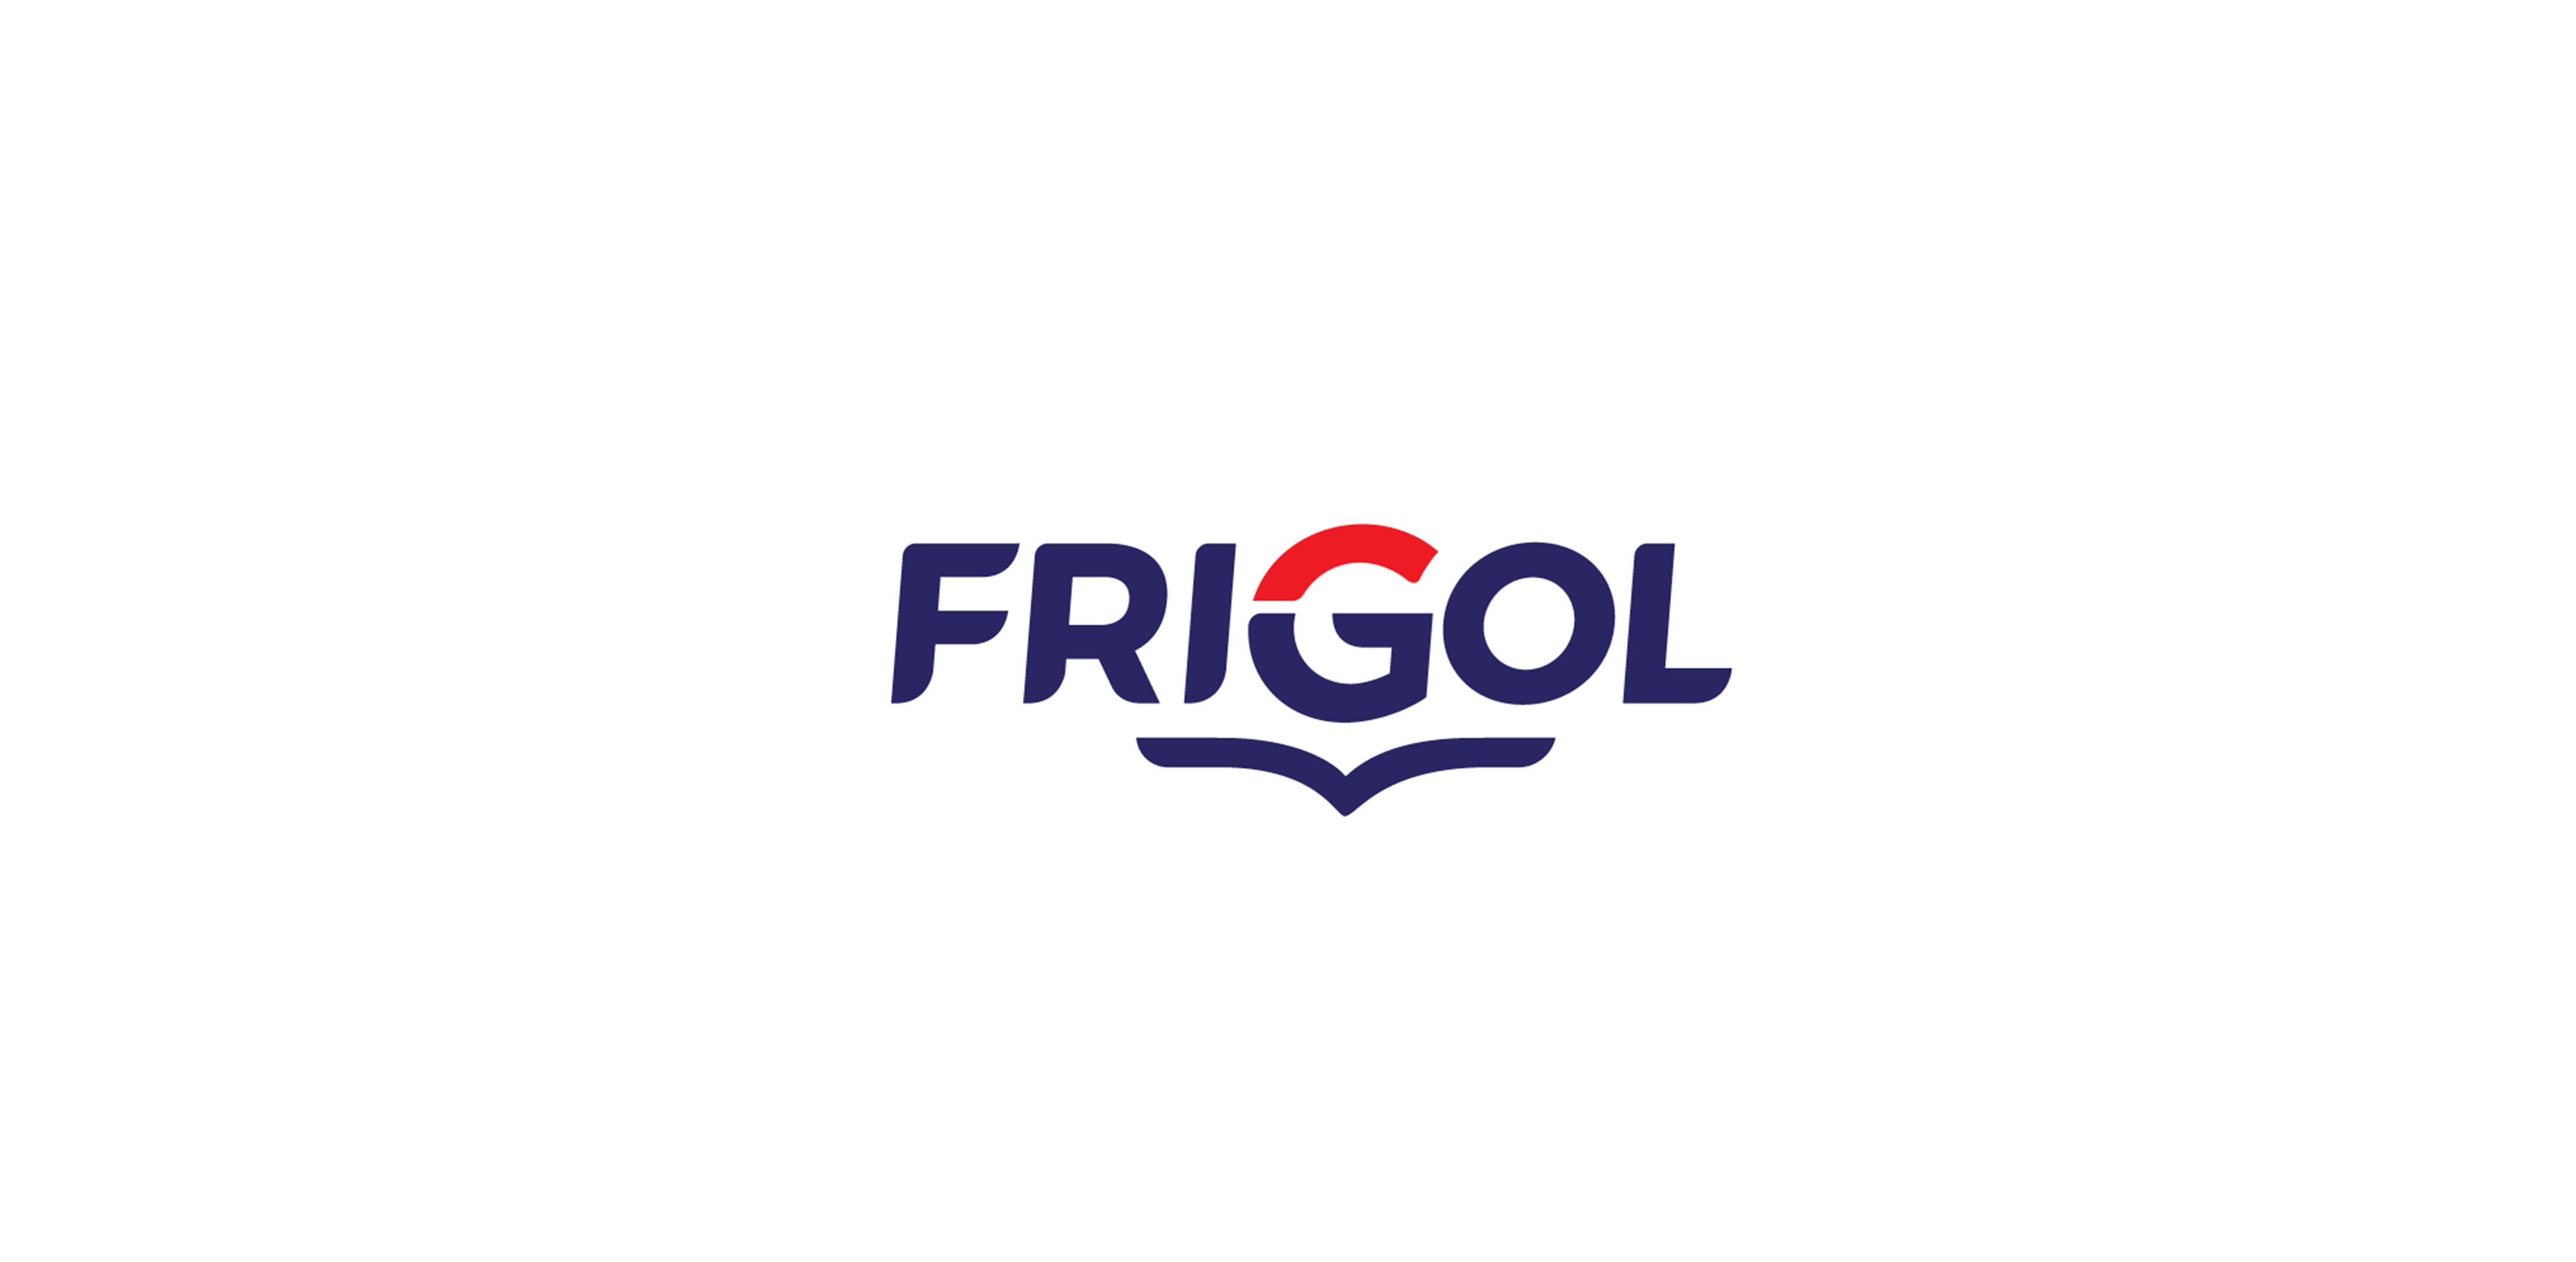 Frigol